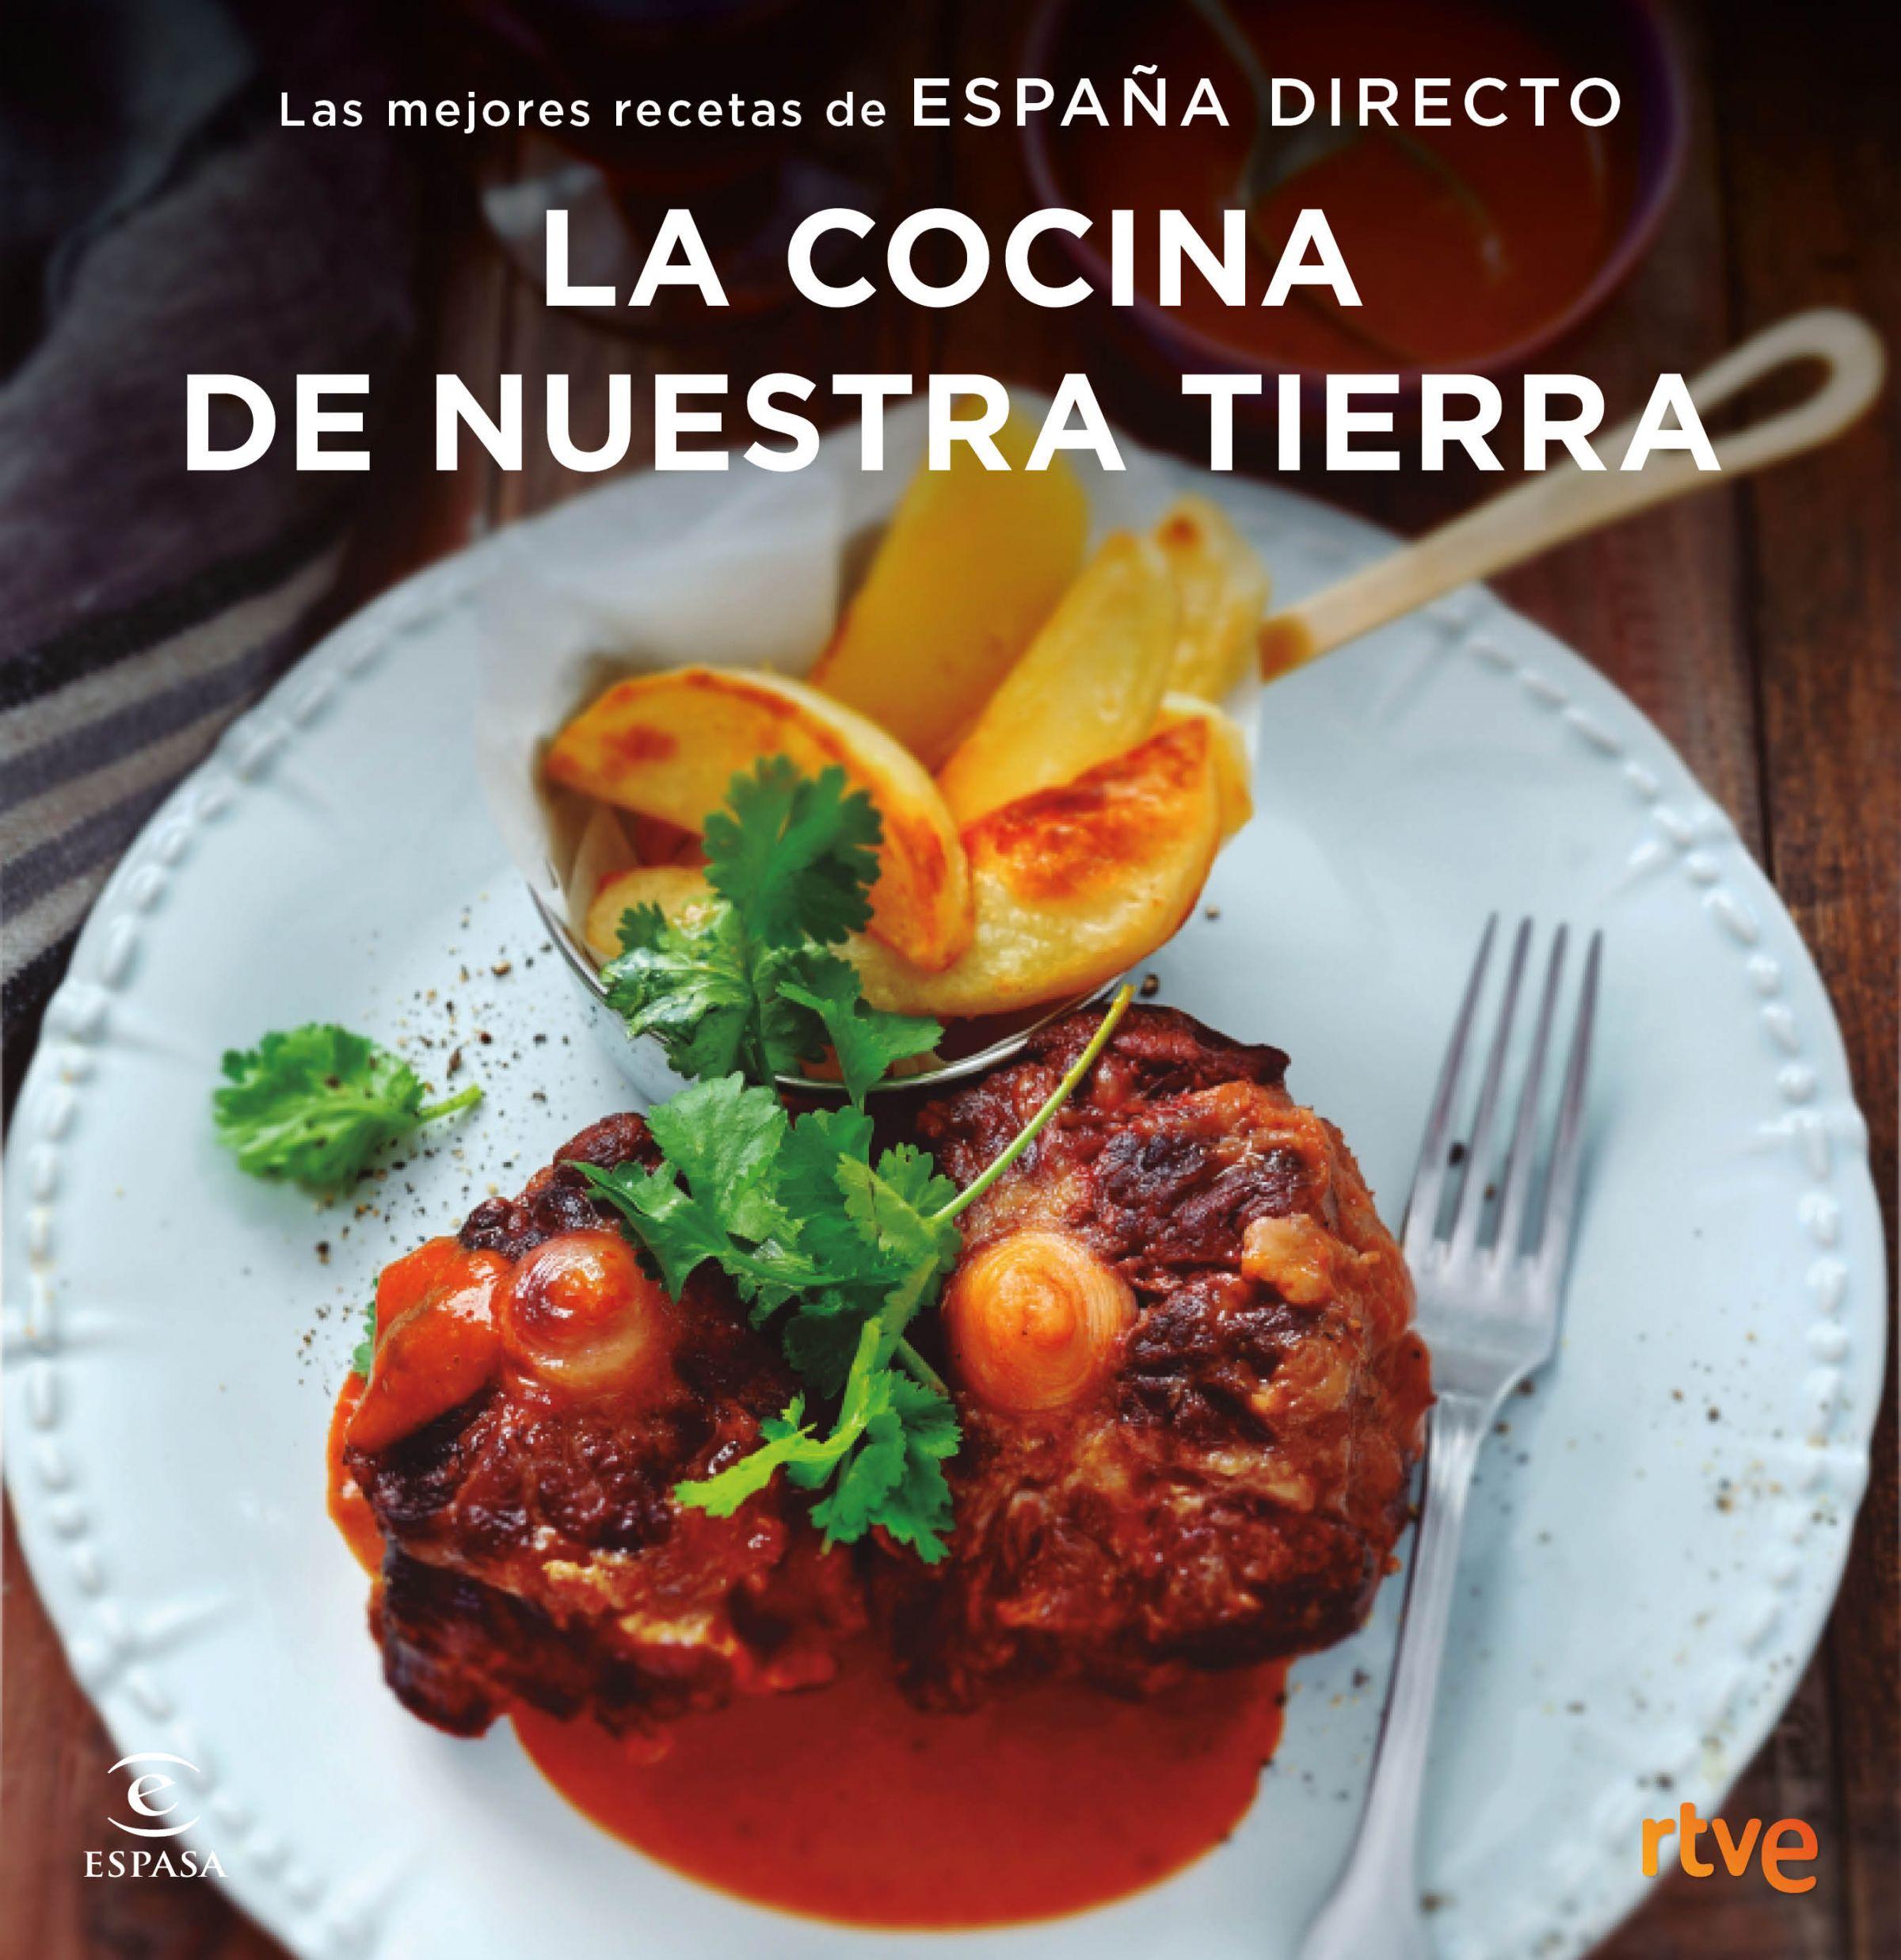 La Cocina De Nuestra Tierra: Las Mejores Recetas De España Directo por Vv.aa.